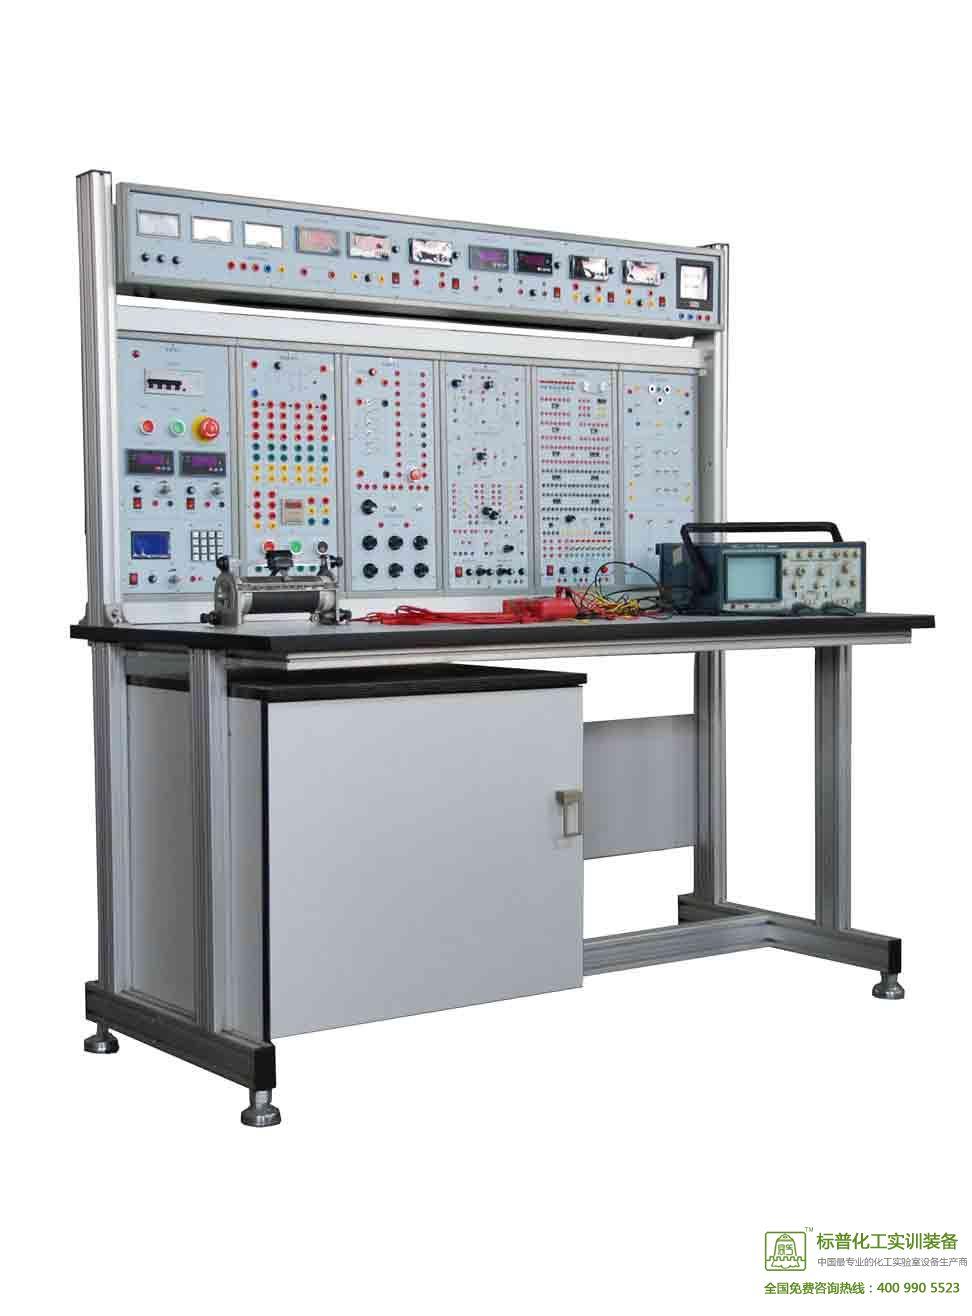 三相交流电路电压,电流的测量